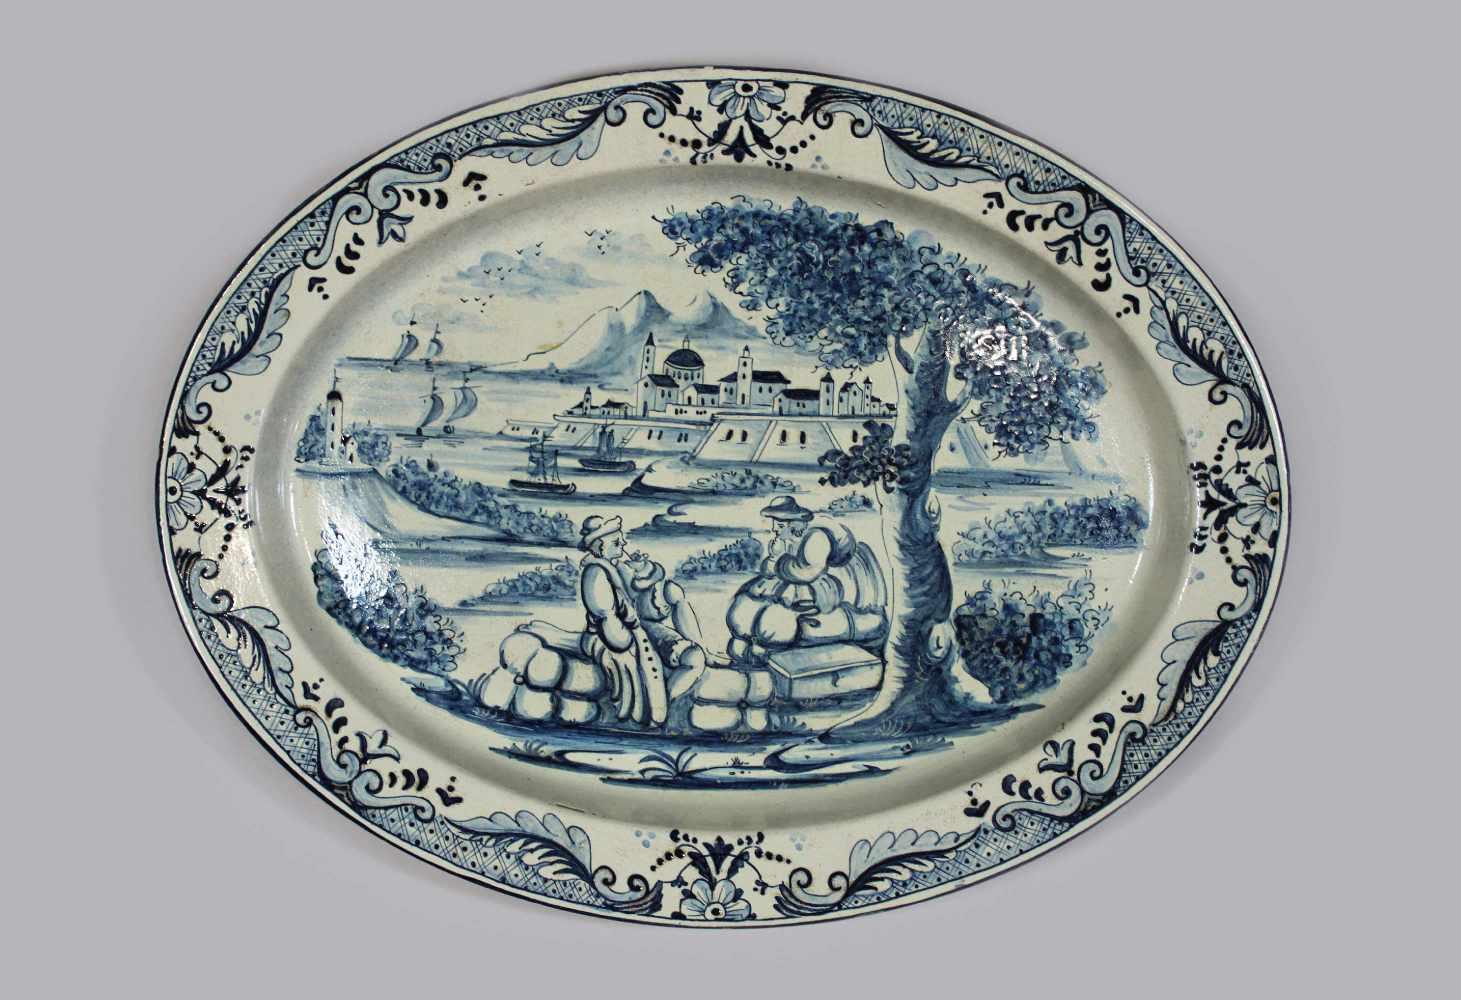 Lot 31 - Große Delfter Platte, nach antikem Vorbild, Die Rast, Darstellung zweier Reisender bei ihrer Rast